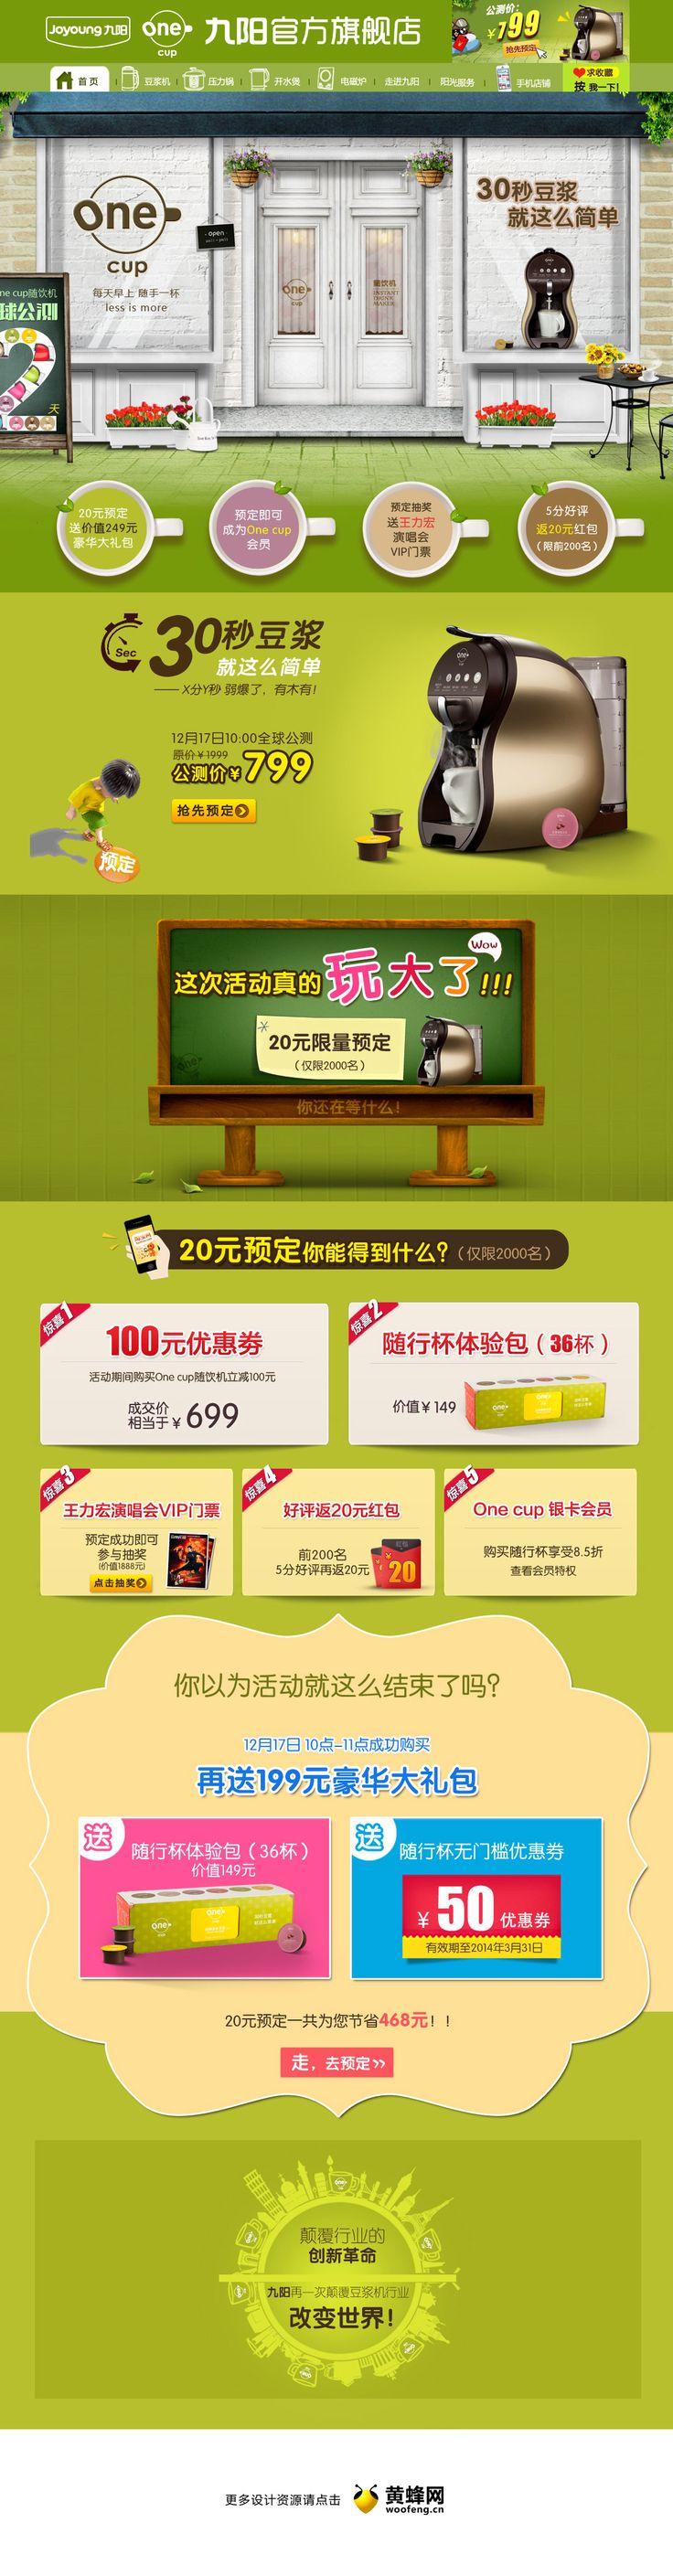 九阳官方旗舰店活动专题页面设计,来源自黄蜂网http://woofeng.cn/